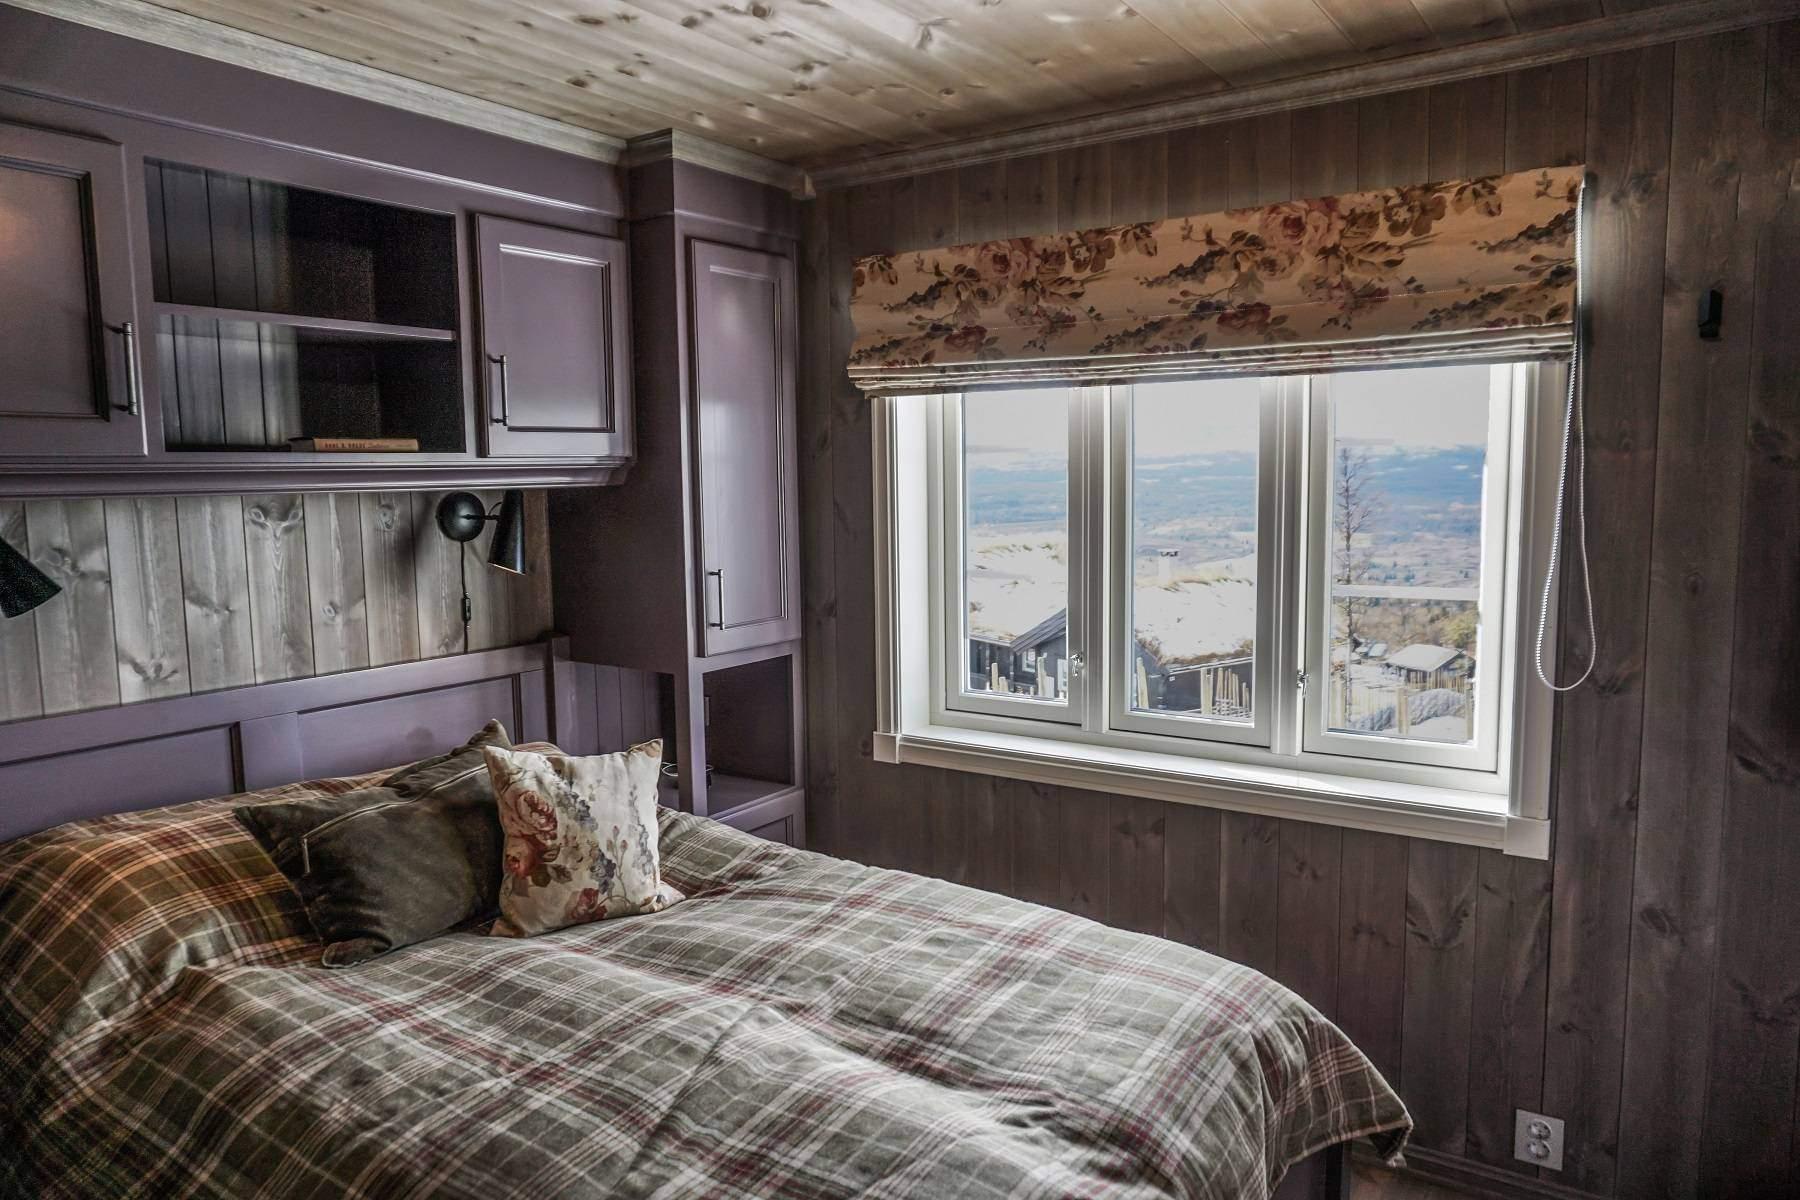 20 Hyttemodell Hytte Strynsfjell 122 Tiurtoppen Hytter. 1 av 4 soverom i hovedplan. Soverom 1 med vinduer mot utsikten